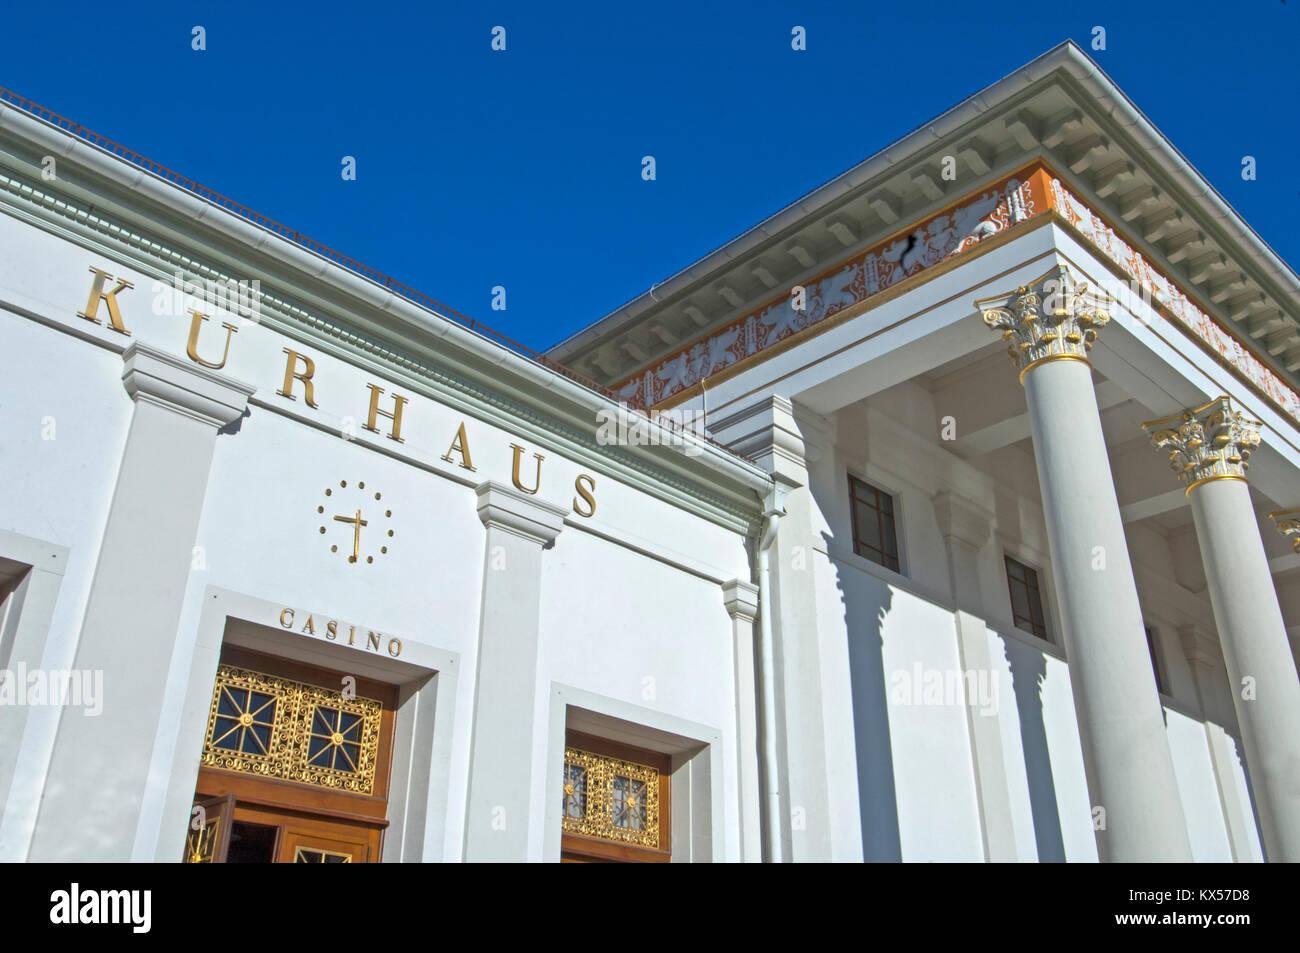 BRD, Baden-Württemberg, Baden-Baden, Kurhaus mit dem berühmten Casino, erbaut 1821-23 von Friedrich Weinbrenner - Stock Image